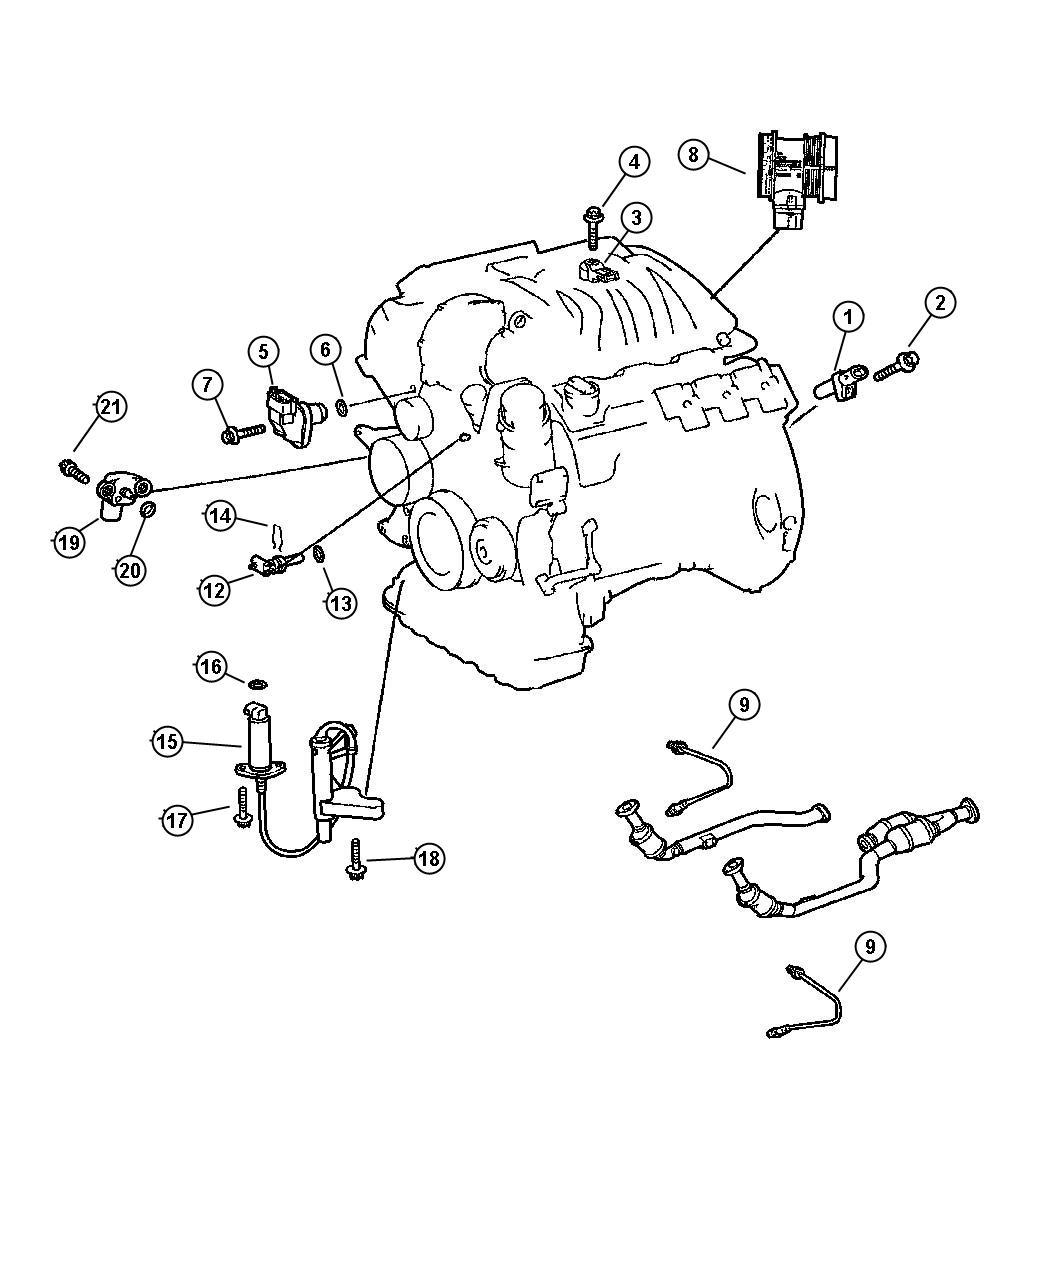 Chrysler Crossfire Sensor Mass Airflow Sensors